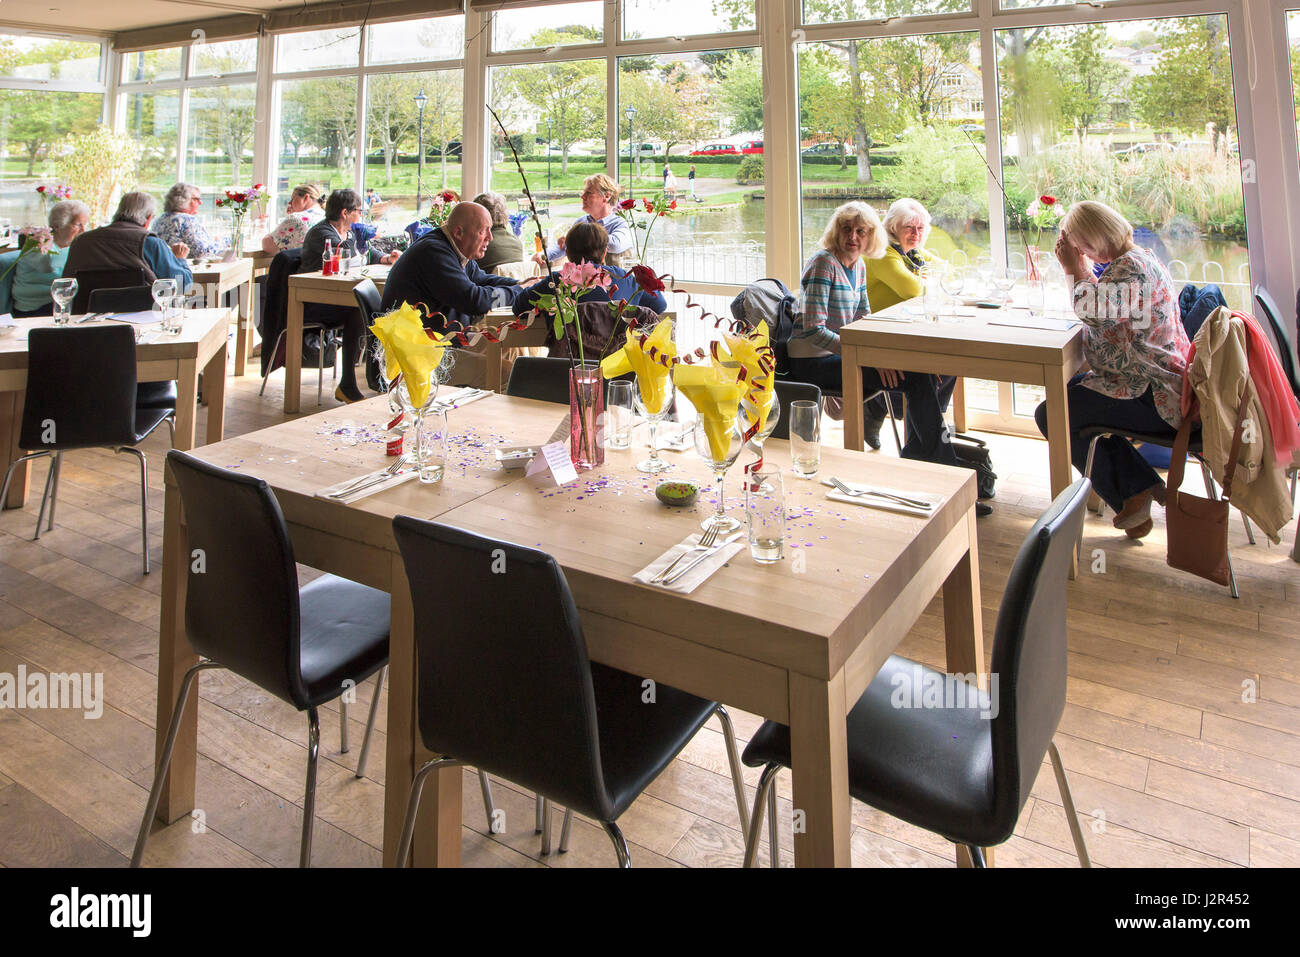 Ristorante interno; i clienti; atmosfera rilassata; godendo; divertimento; tavolo riservato; Celebrazione; tabella Immagini Stock